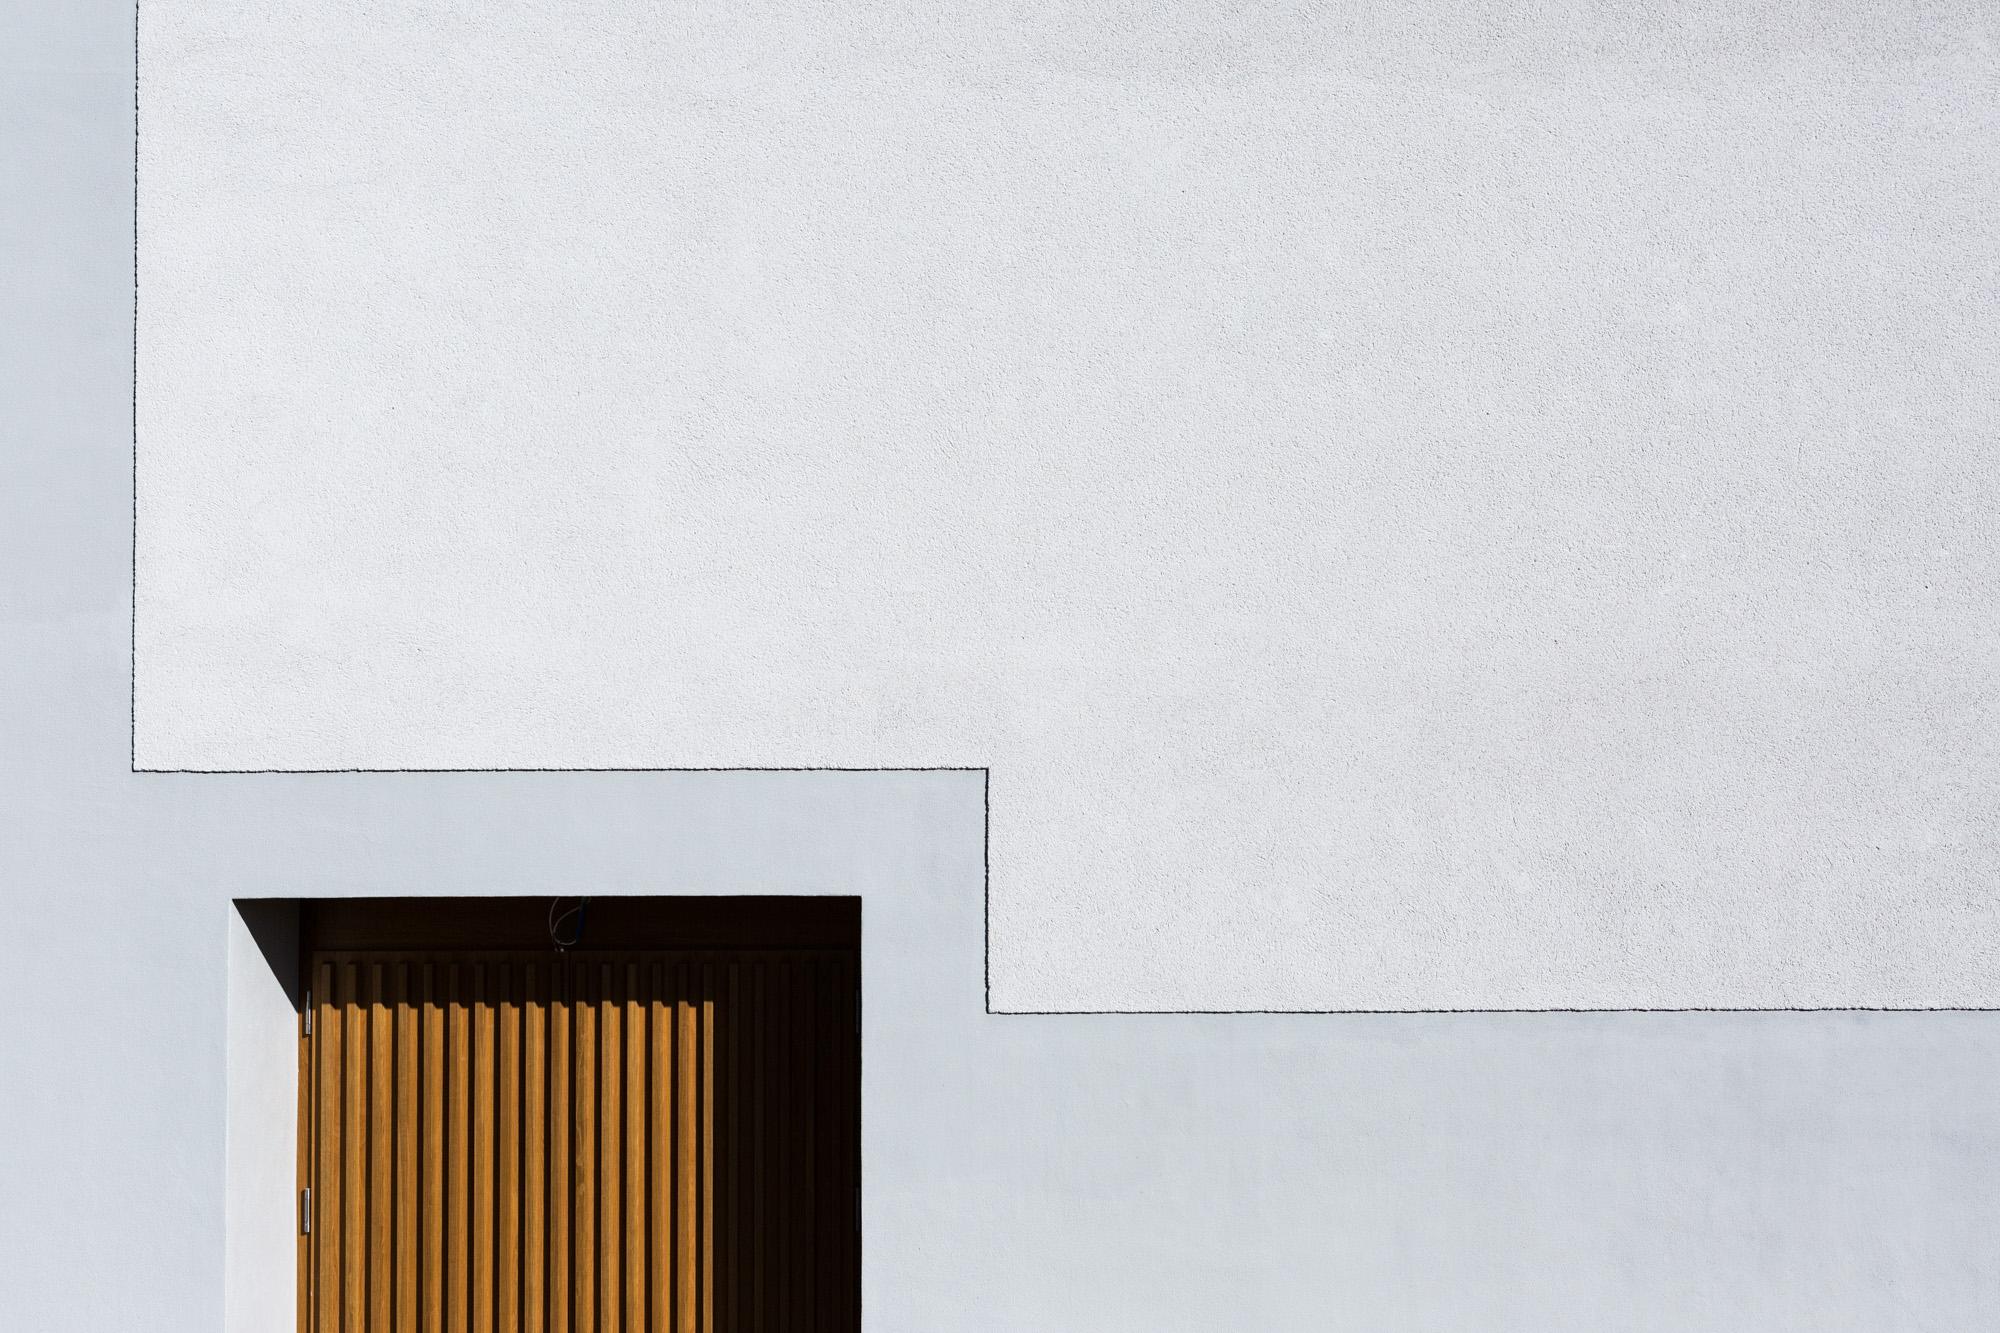 Für das Schulhaus Wandermatte in Wabern bei Bern konnte die MerzGips AG Fassadenbau ausführen. Besonders wichtig war die grosse Pausenuhr, welche direkt in die Fassade eingebunden wurde.